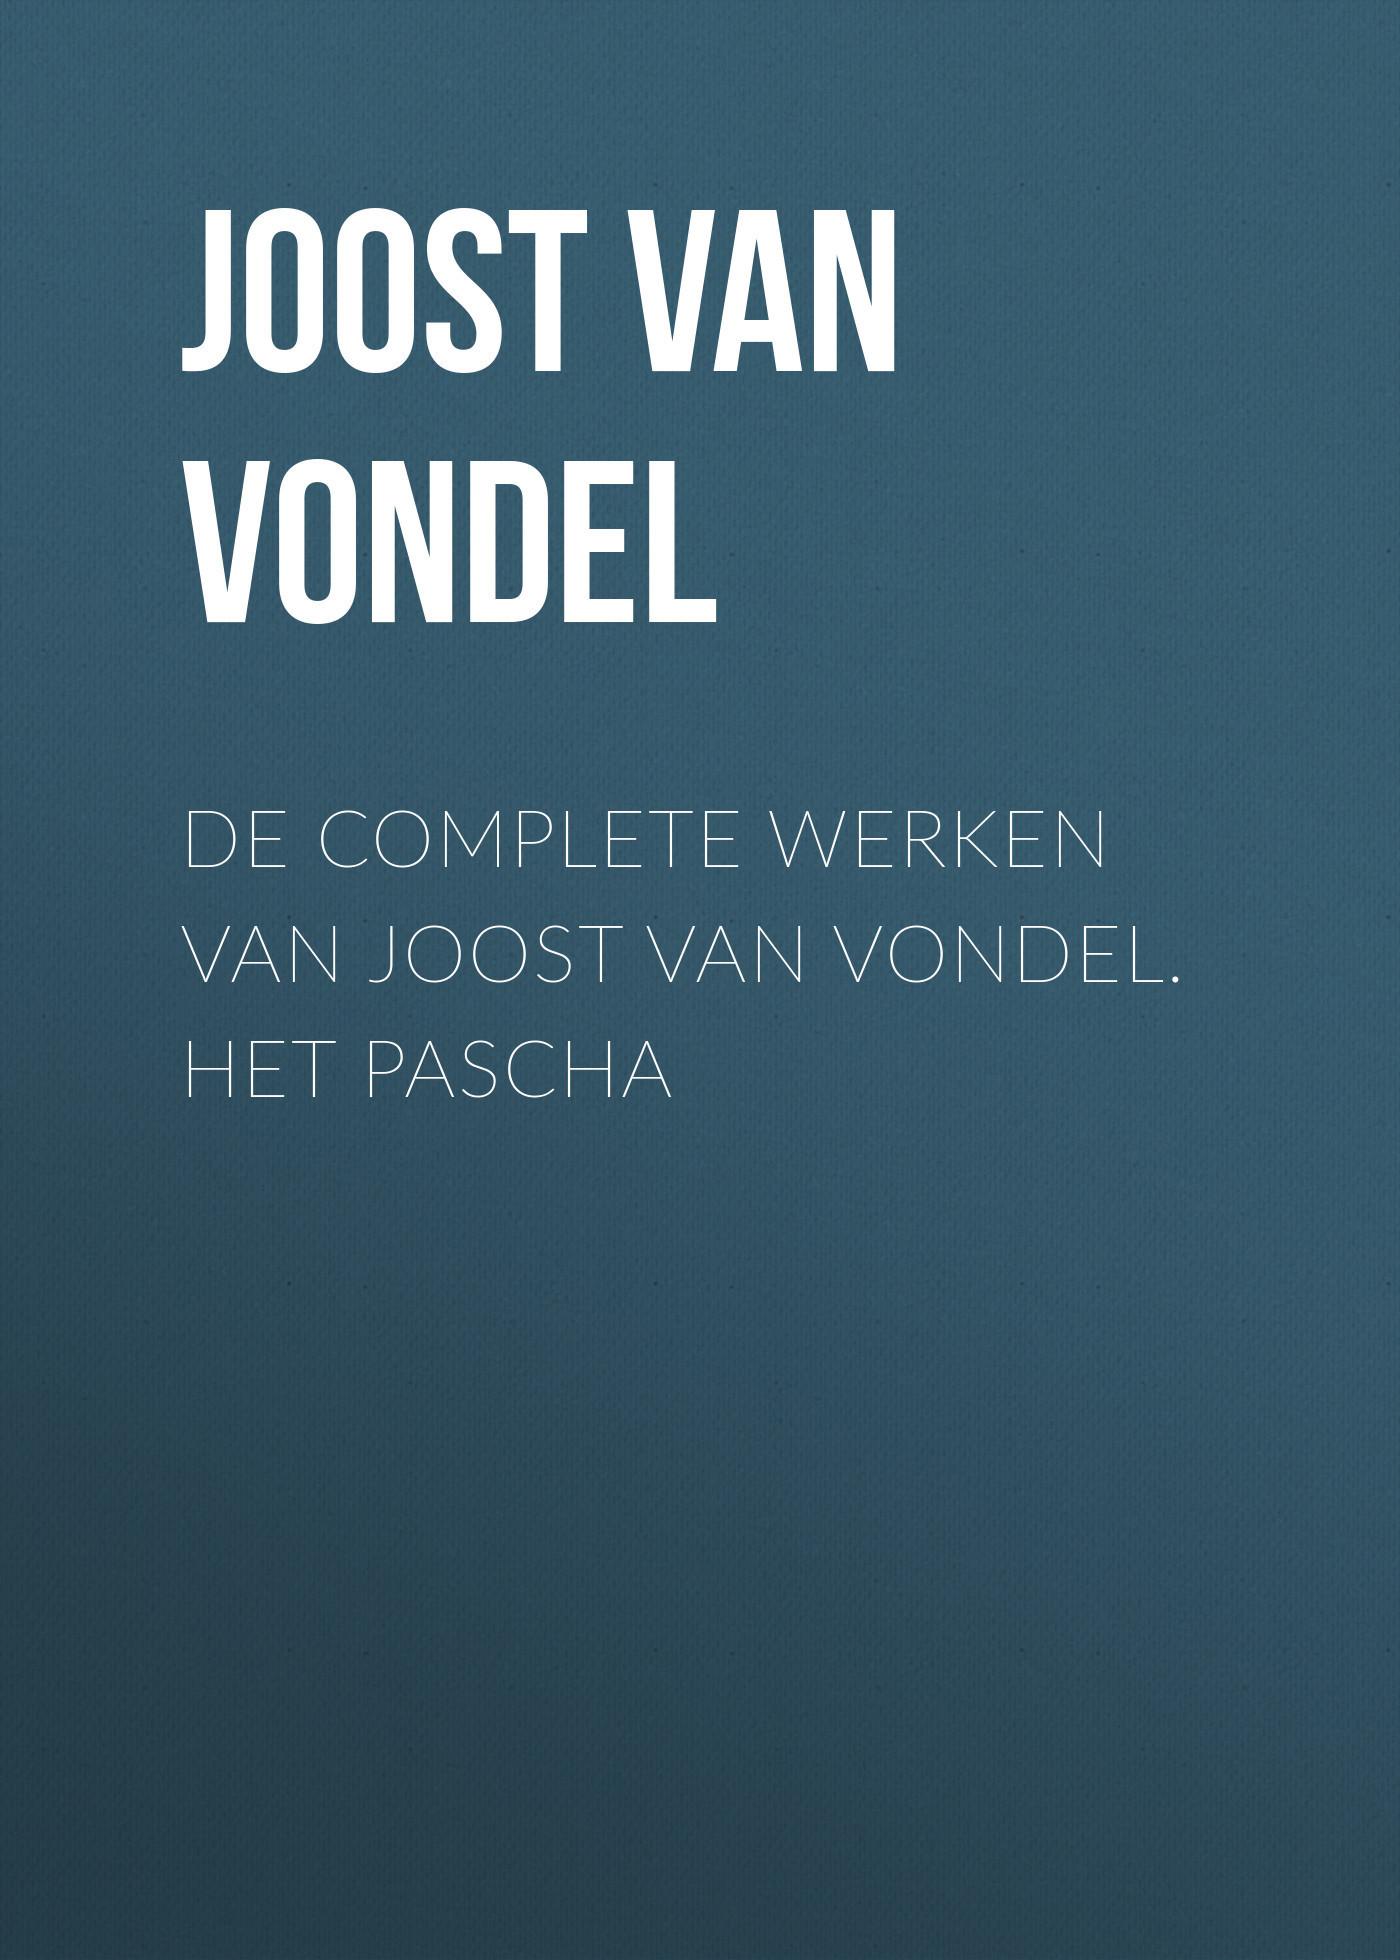 Joost van den Vondel De complete werken van Joost van Vondel. Het Pascha joost van den vondel de complete werken van joost van vondel 2